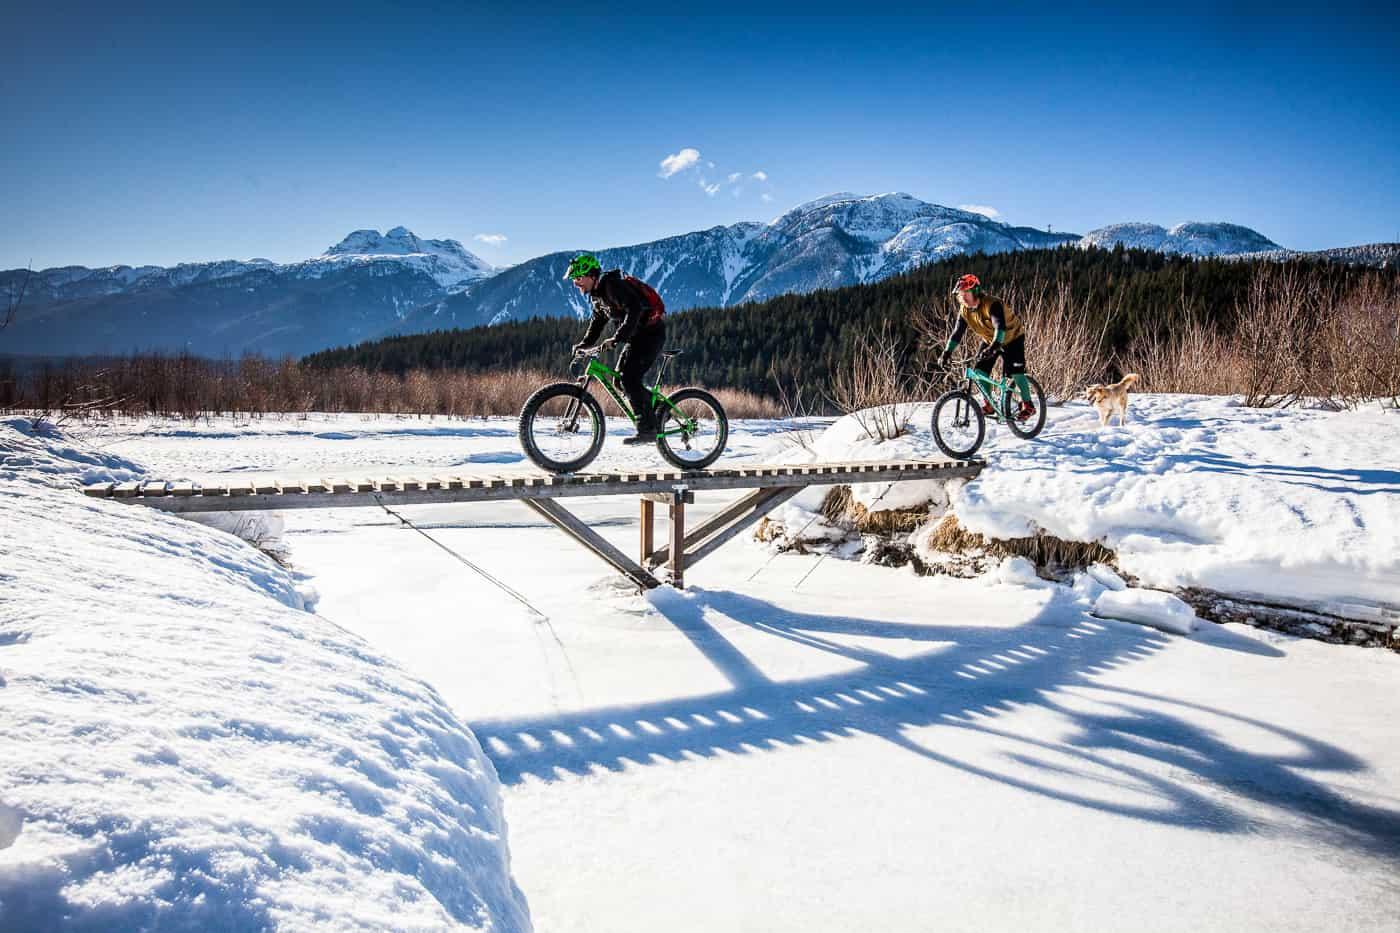 Fat biking on Revelstoke Greenbelt